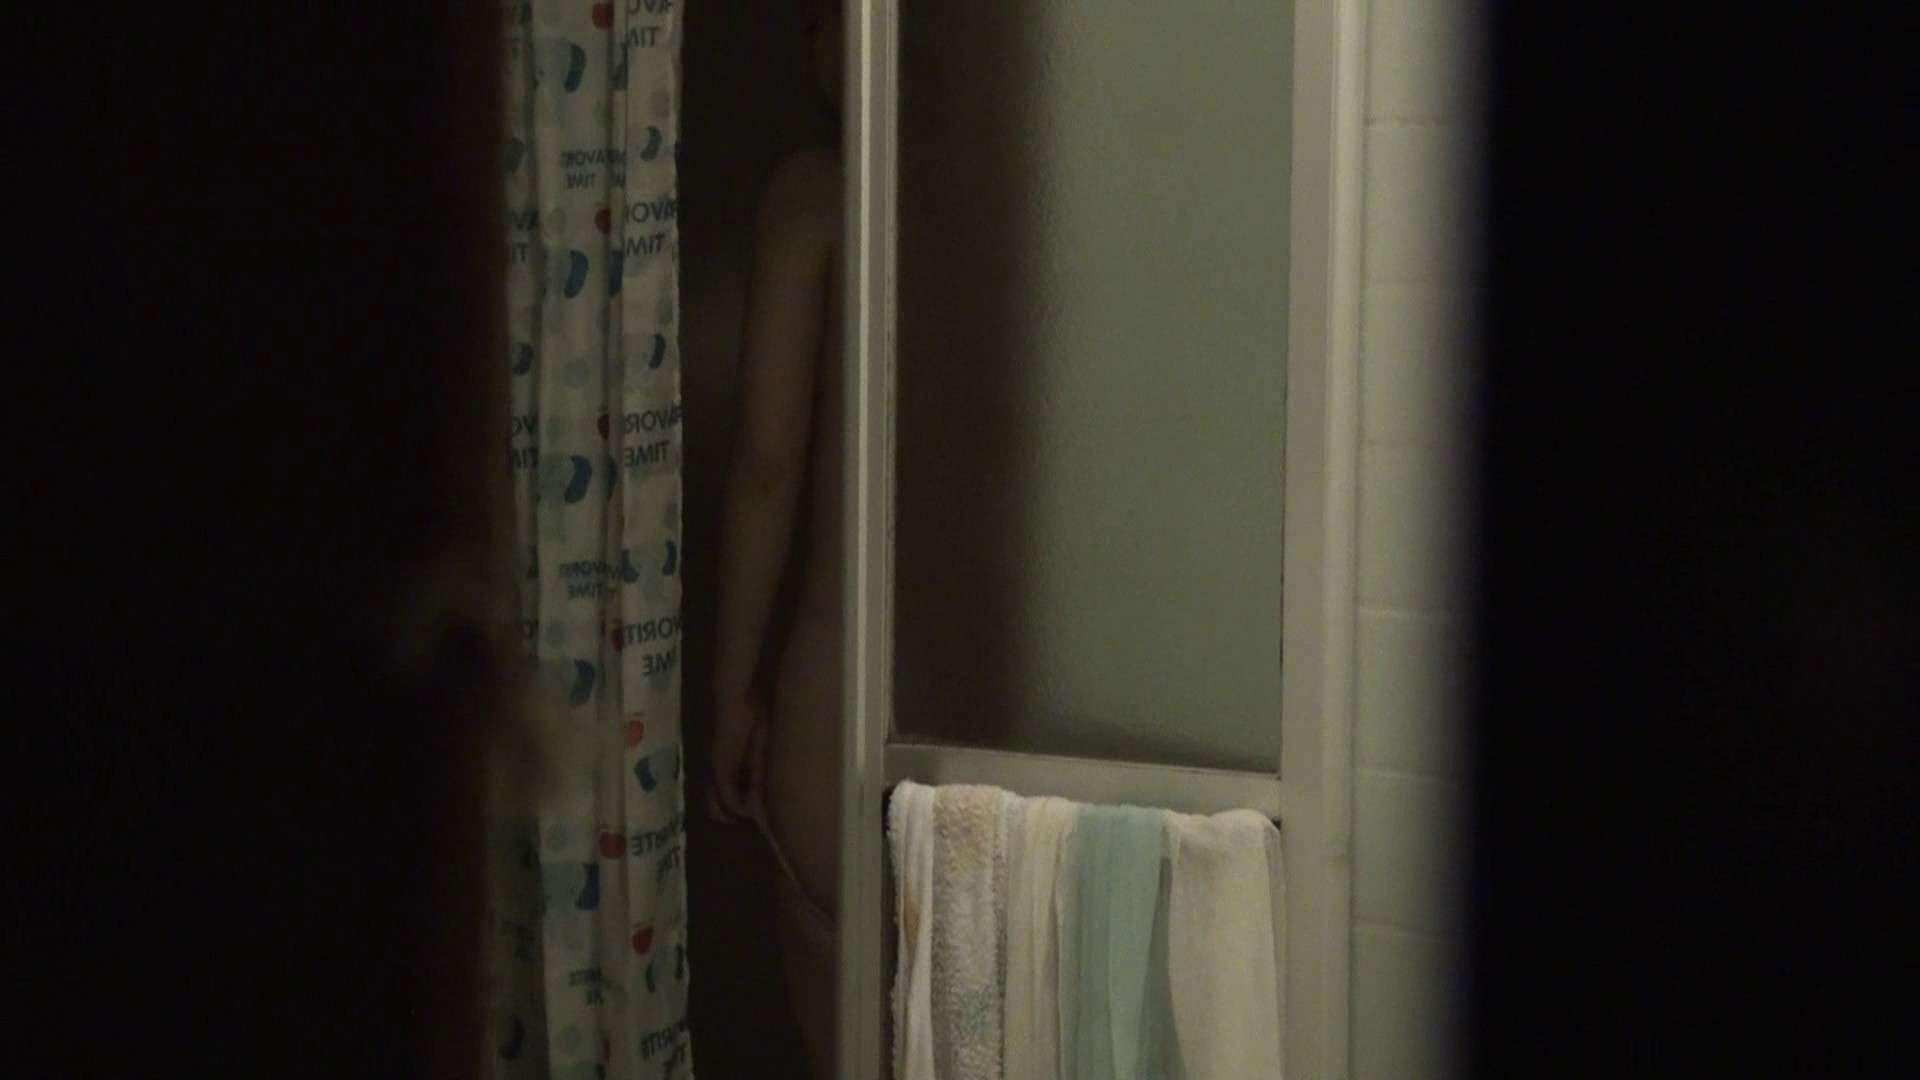 vol.06顔を洗い流す極上お女市さんの裸体をハイビジョンで!風呂上り着替え必見! 覗き エロ画像 68画像 7